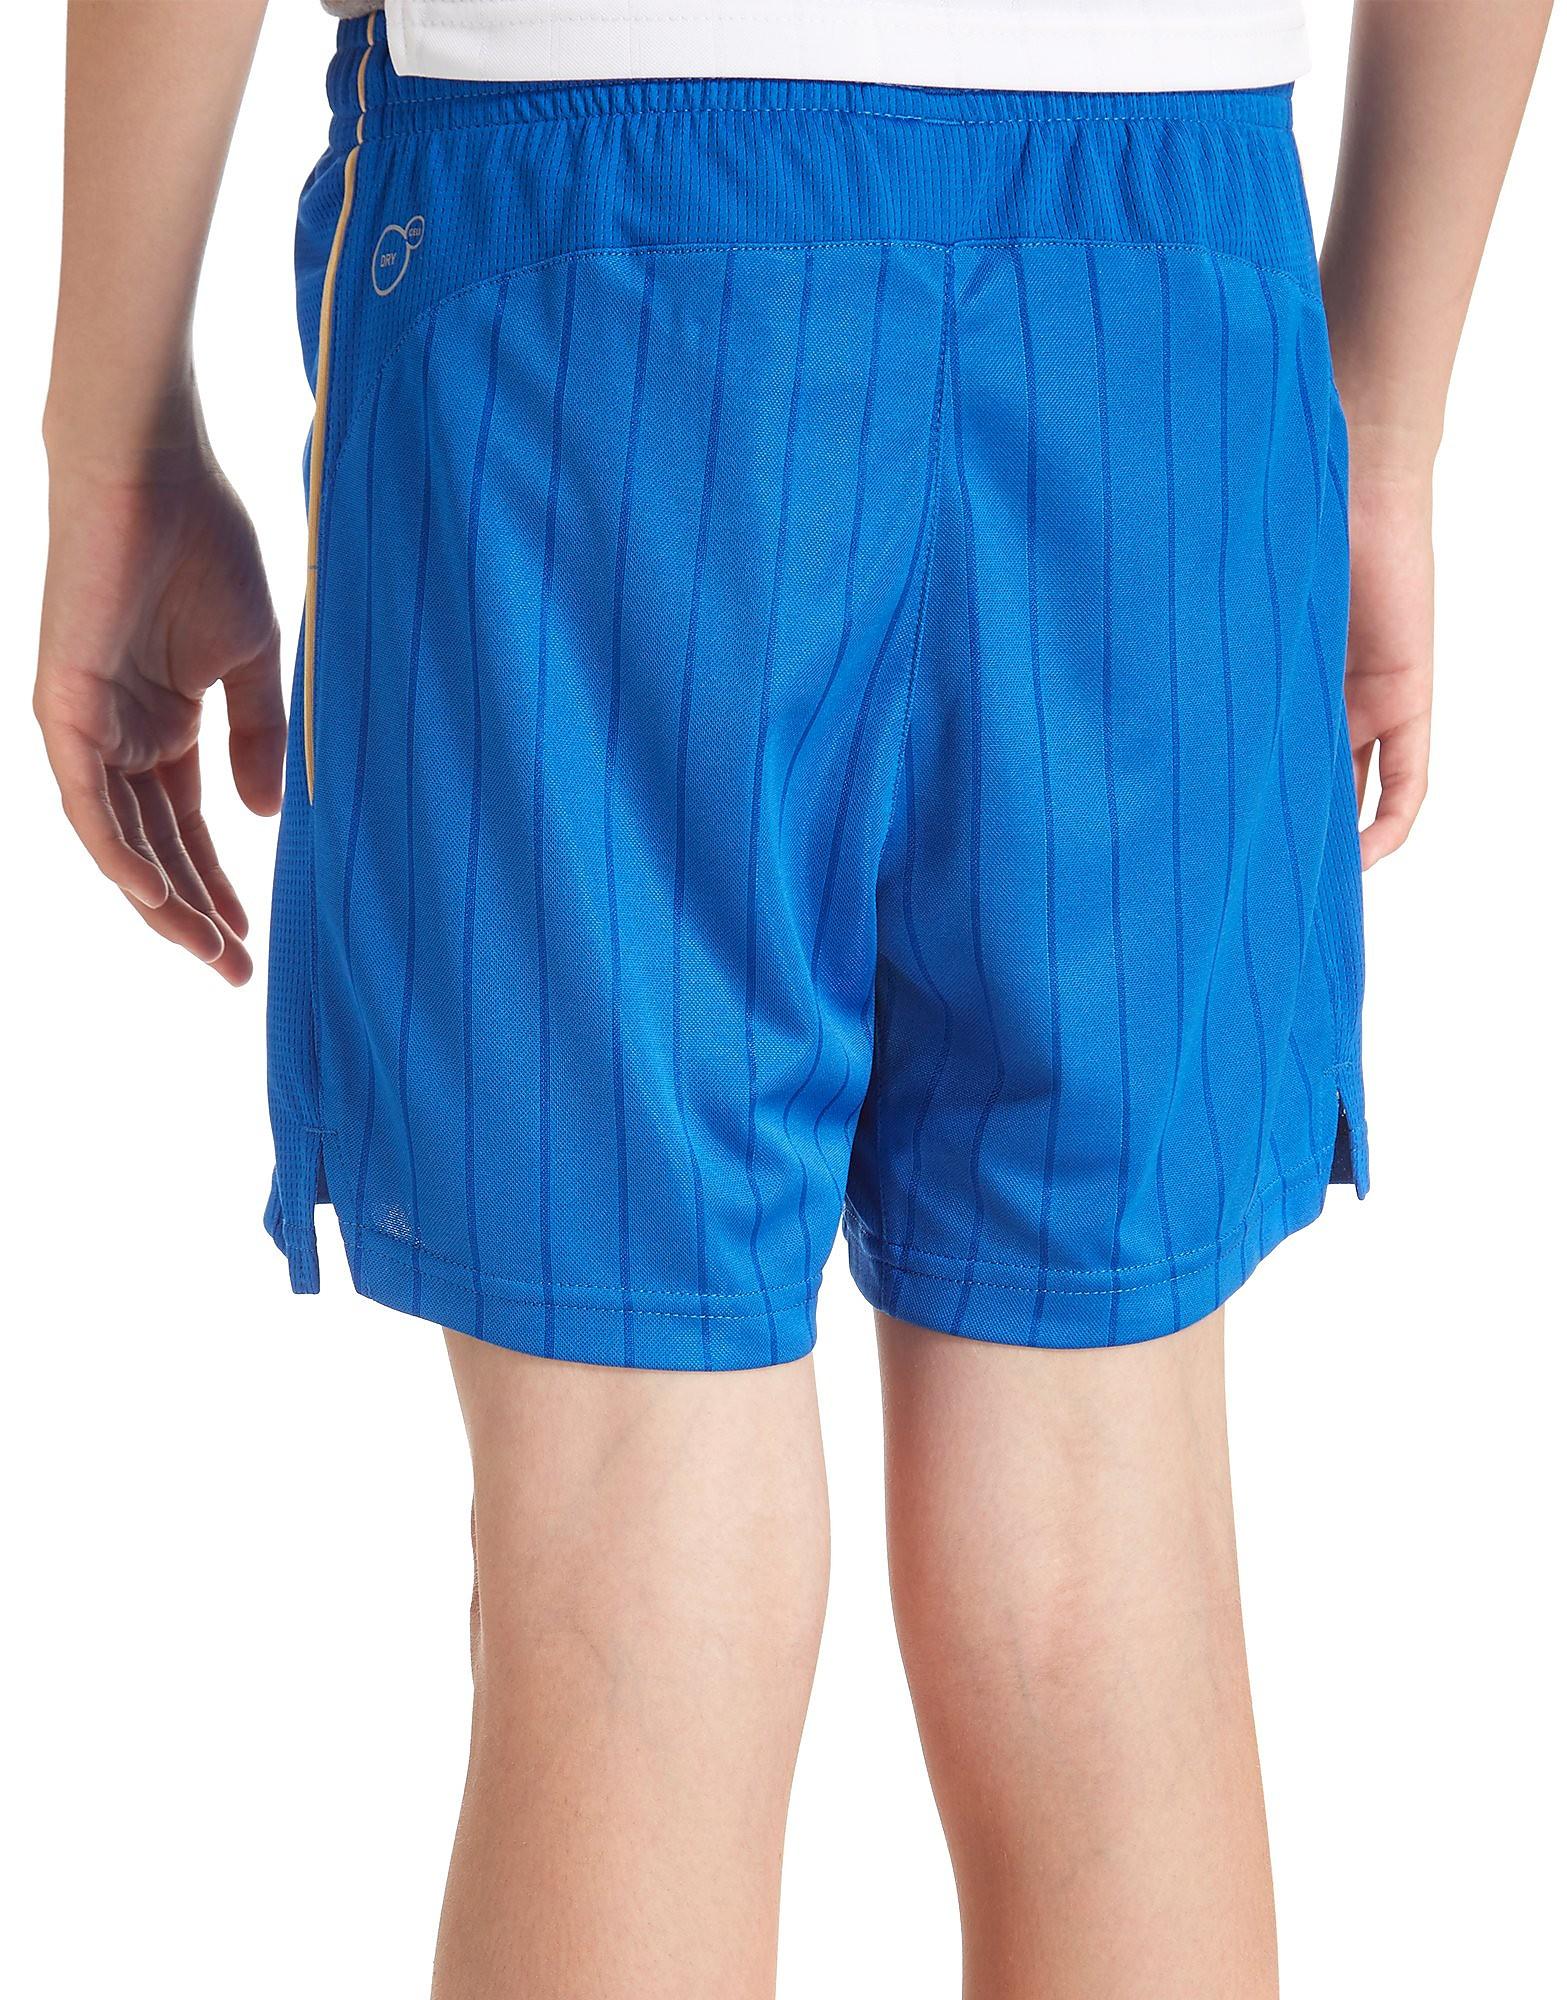 PUMA Italy Away 2016 Shorts Junior